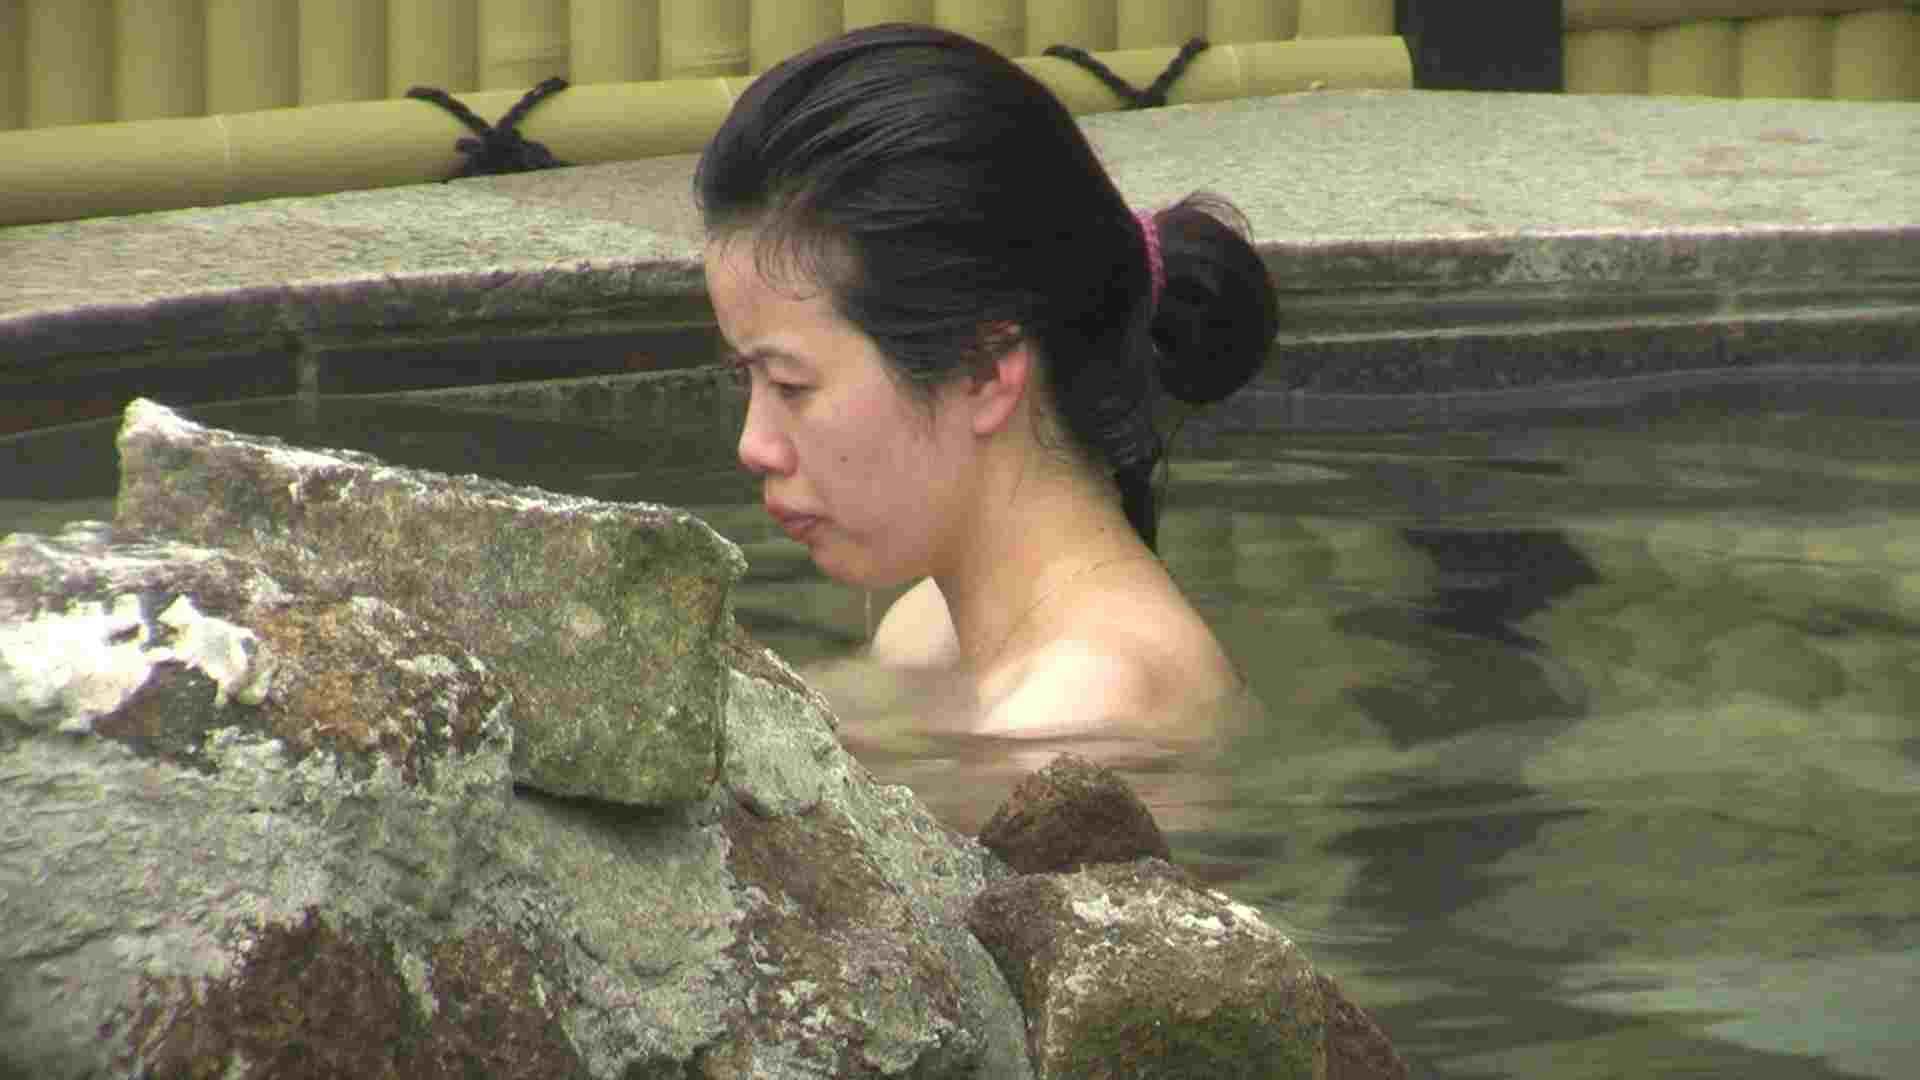 Aquaな露天風呂Vol.682 0  78pic 68